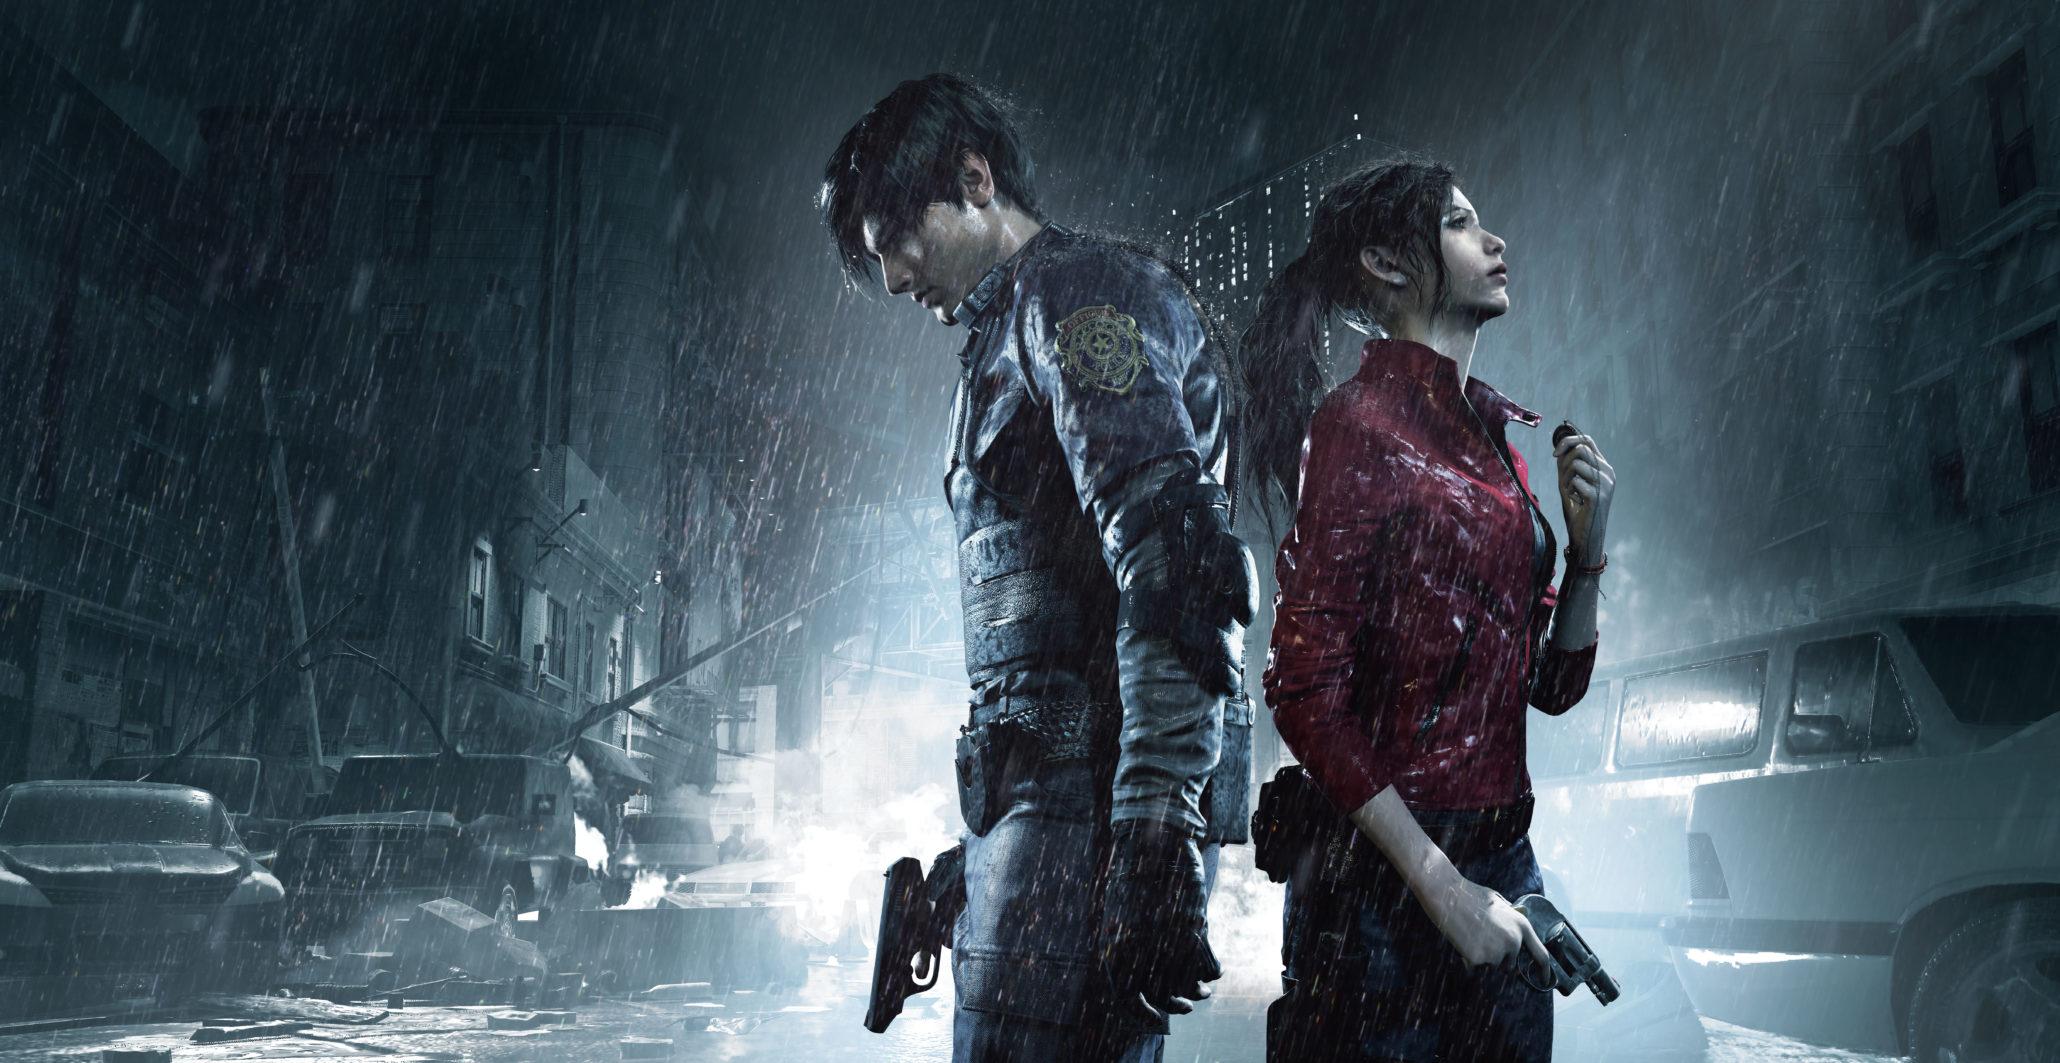 resident-evil-look-over-26-years-of-legendary-horror-game-franchise 6